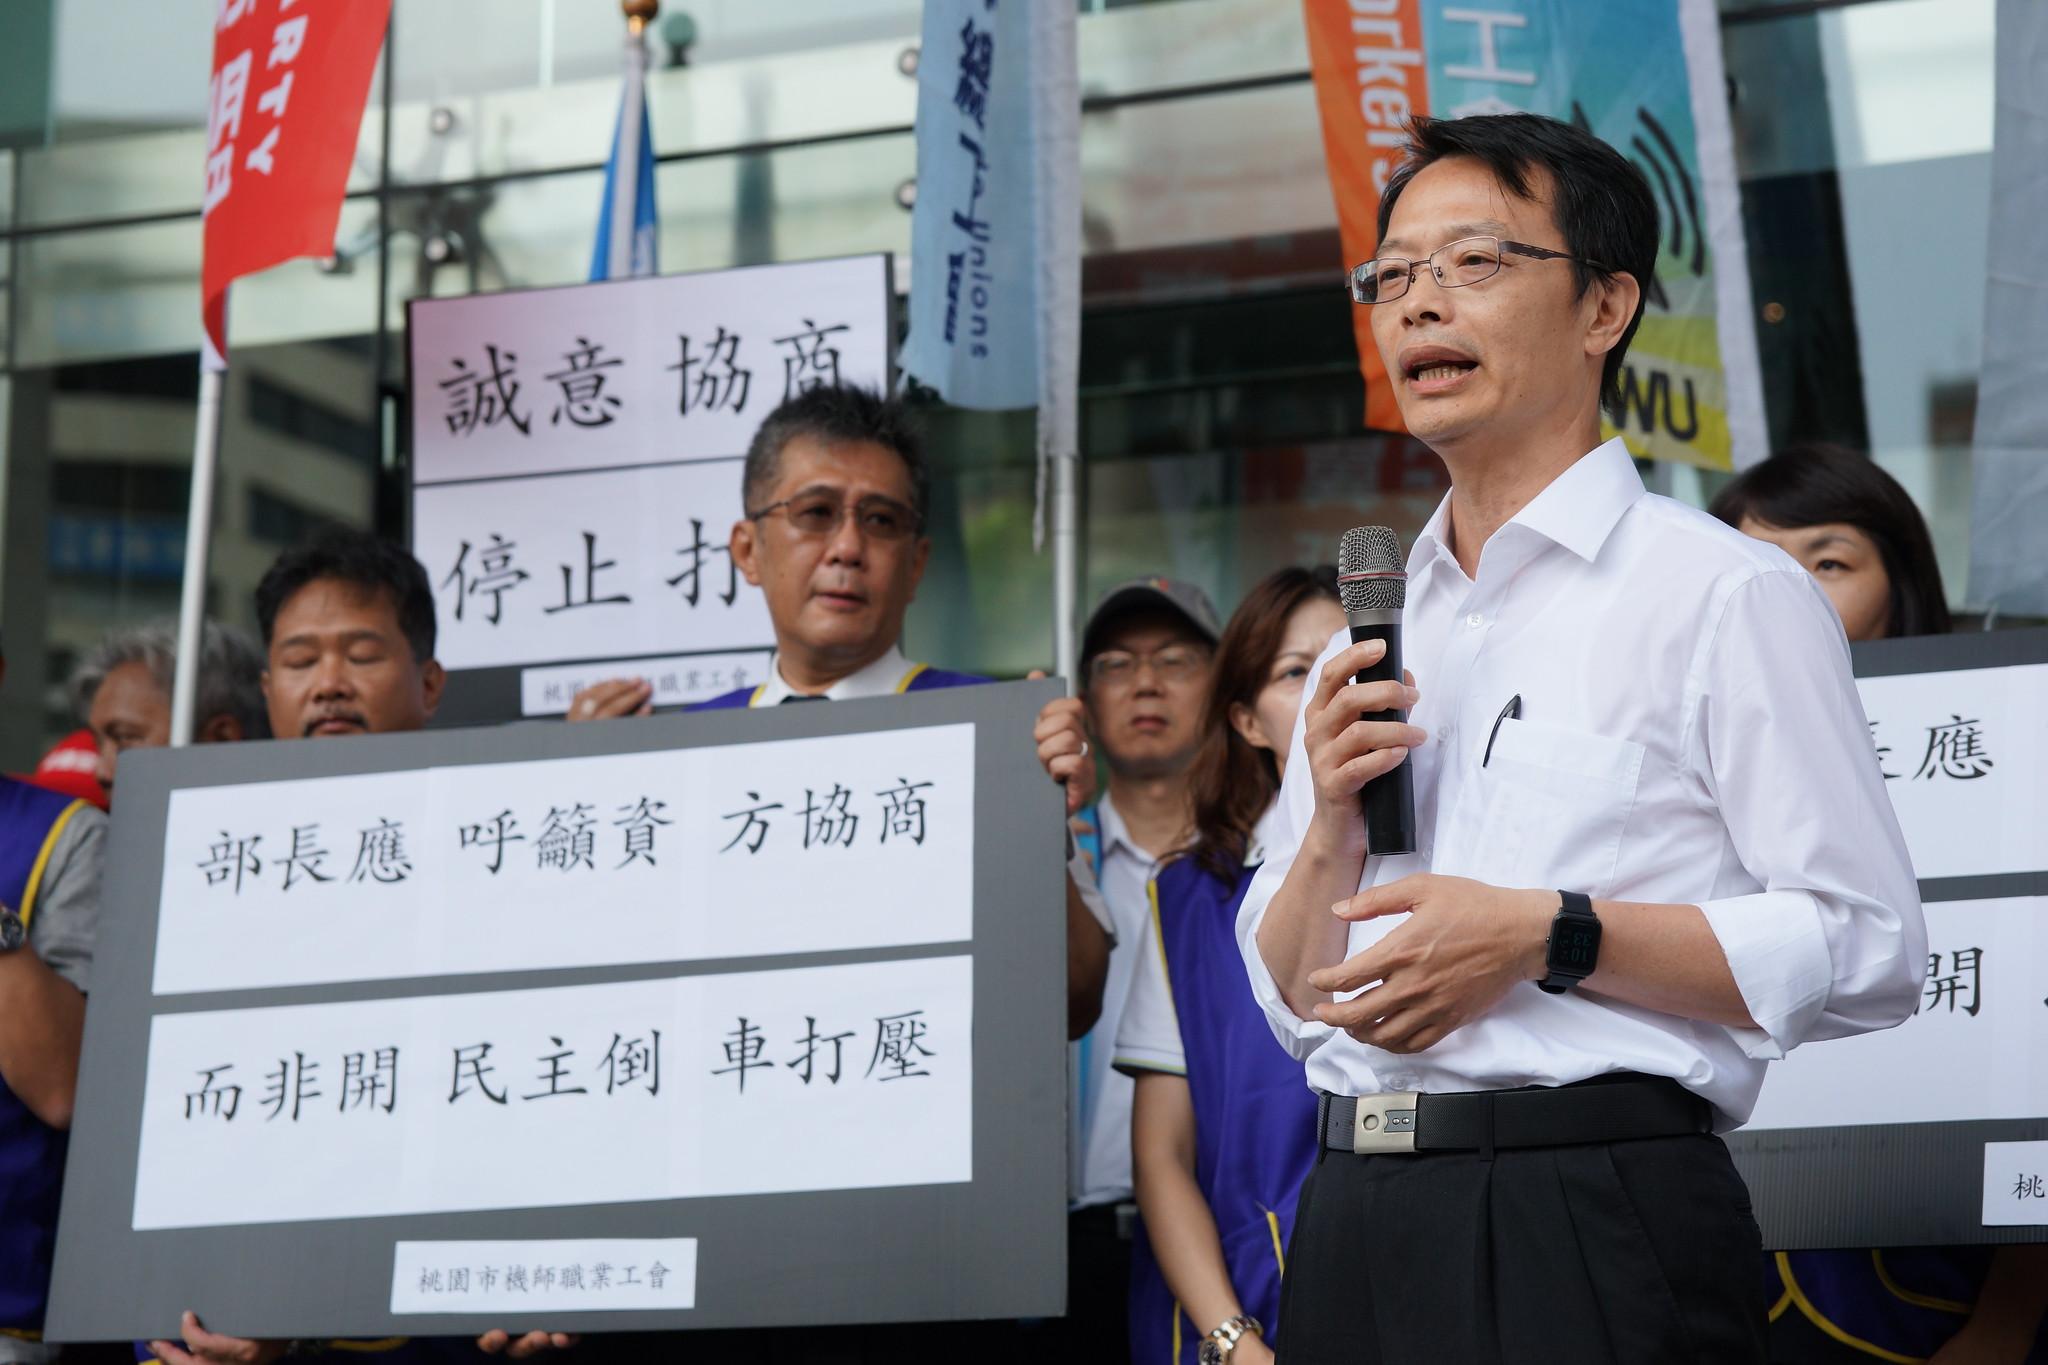 交通部民航局飛航標準組組長林俊良表示,已發函要求兩家航空公司與工會協商。(攝影:王顥中)